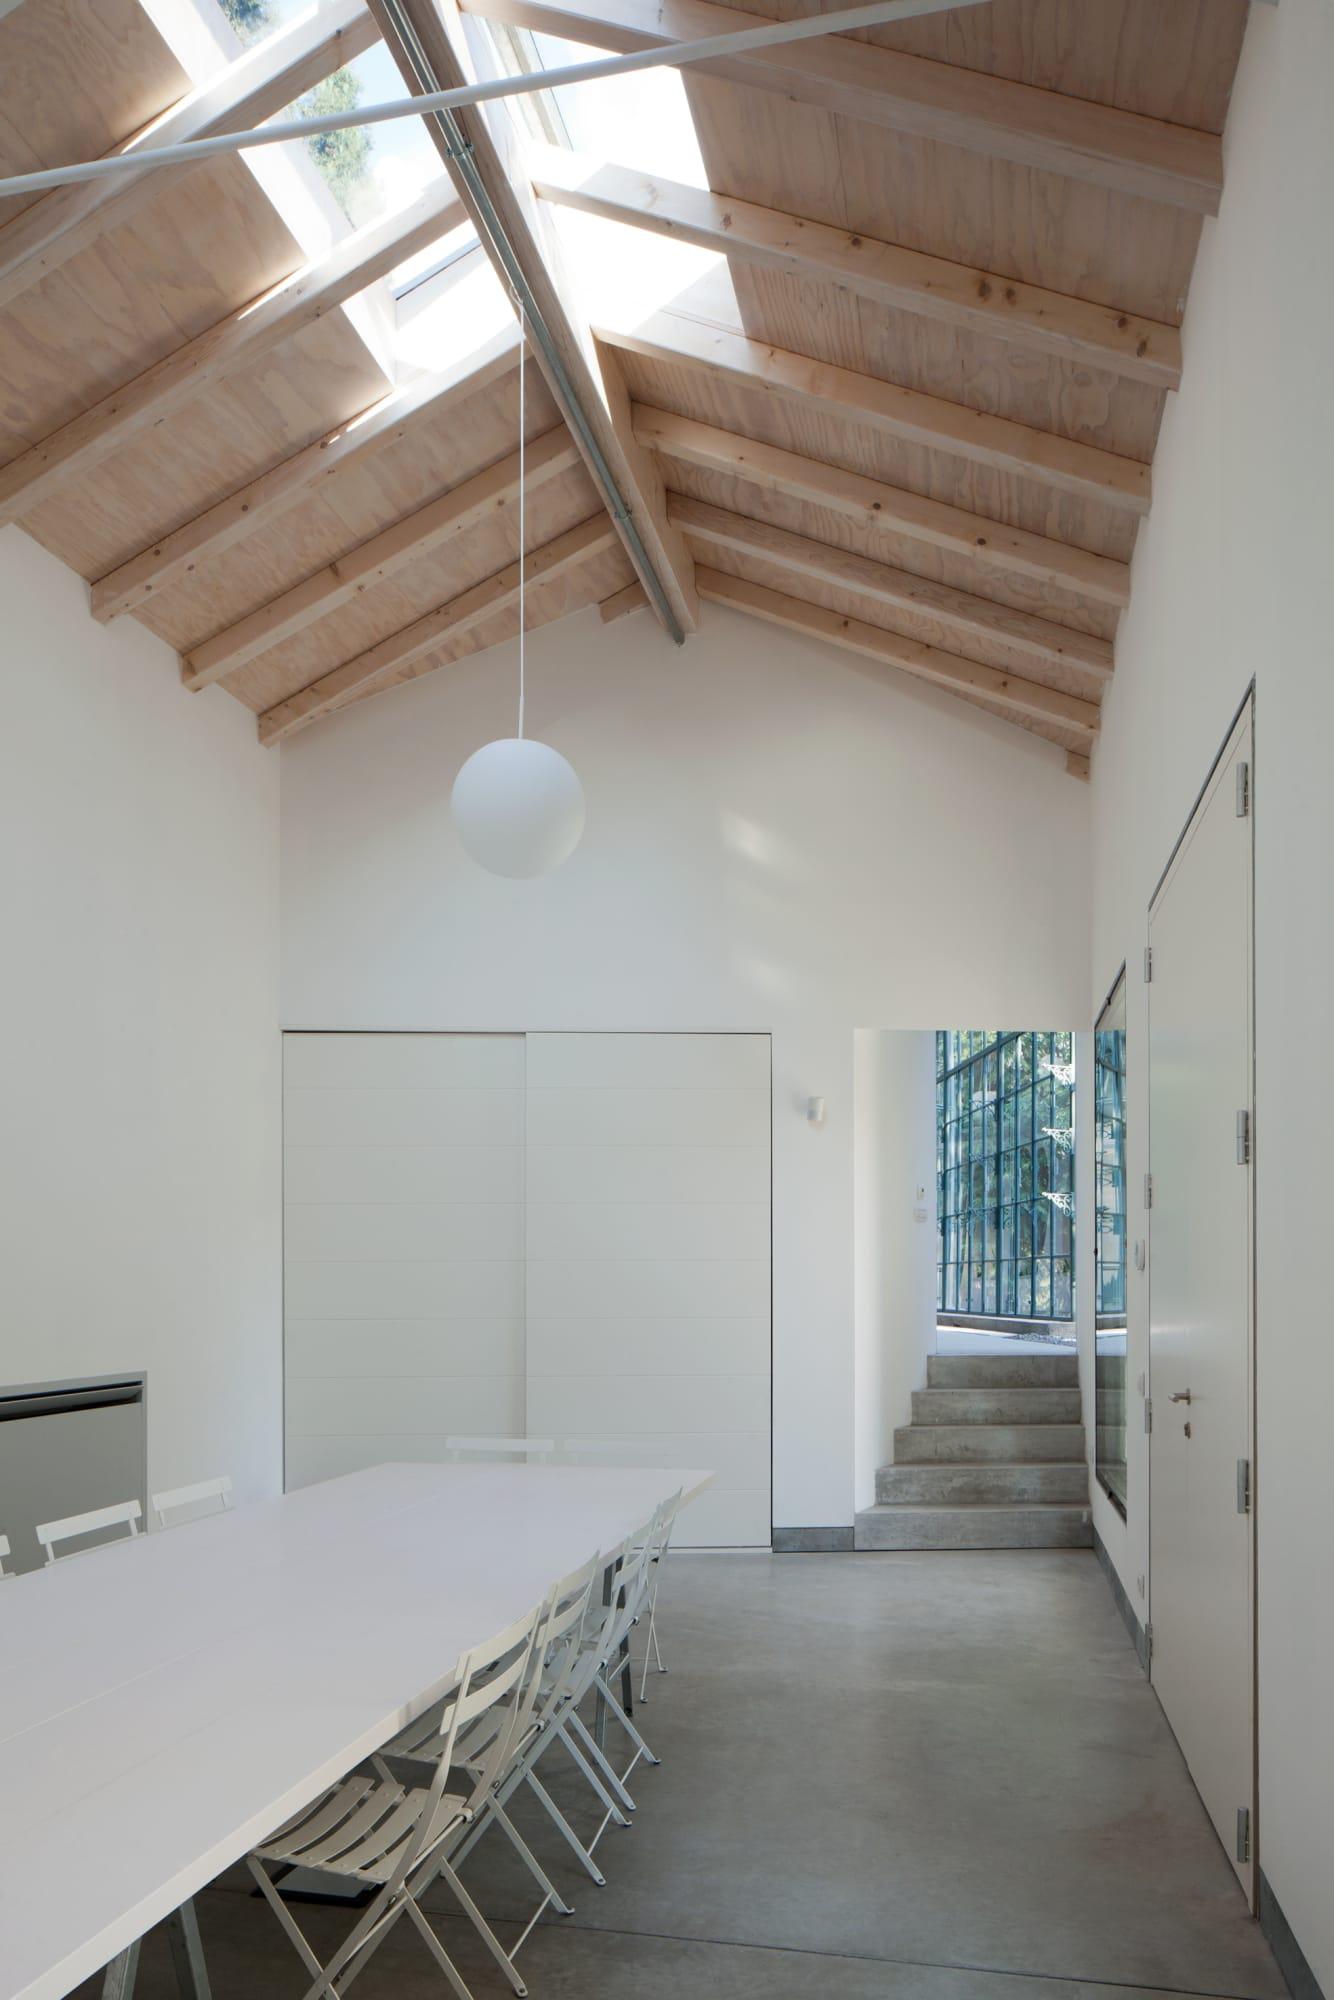 Studio Architettura Paesaggio Milano studio brambilla orsoni, corrado tagliabue, isabella sassi